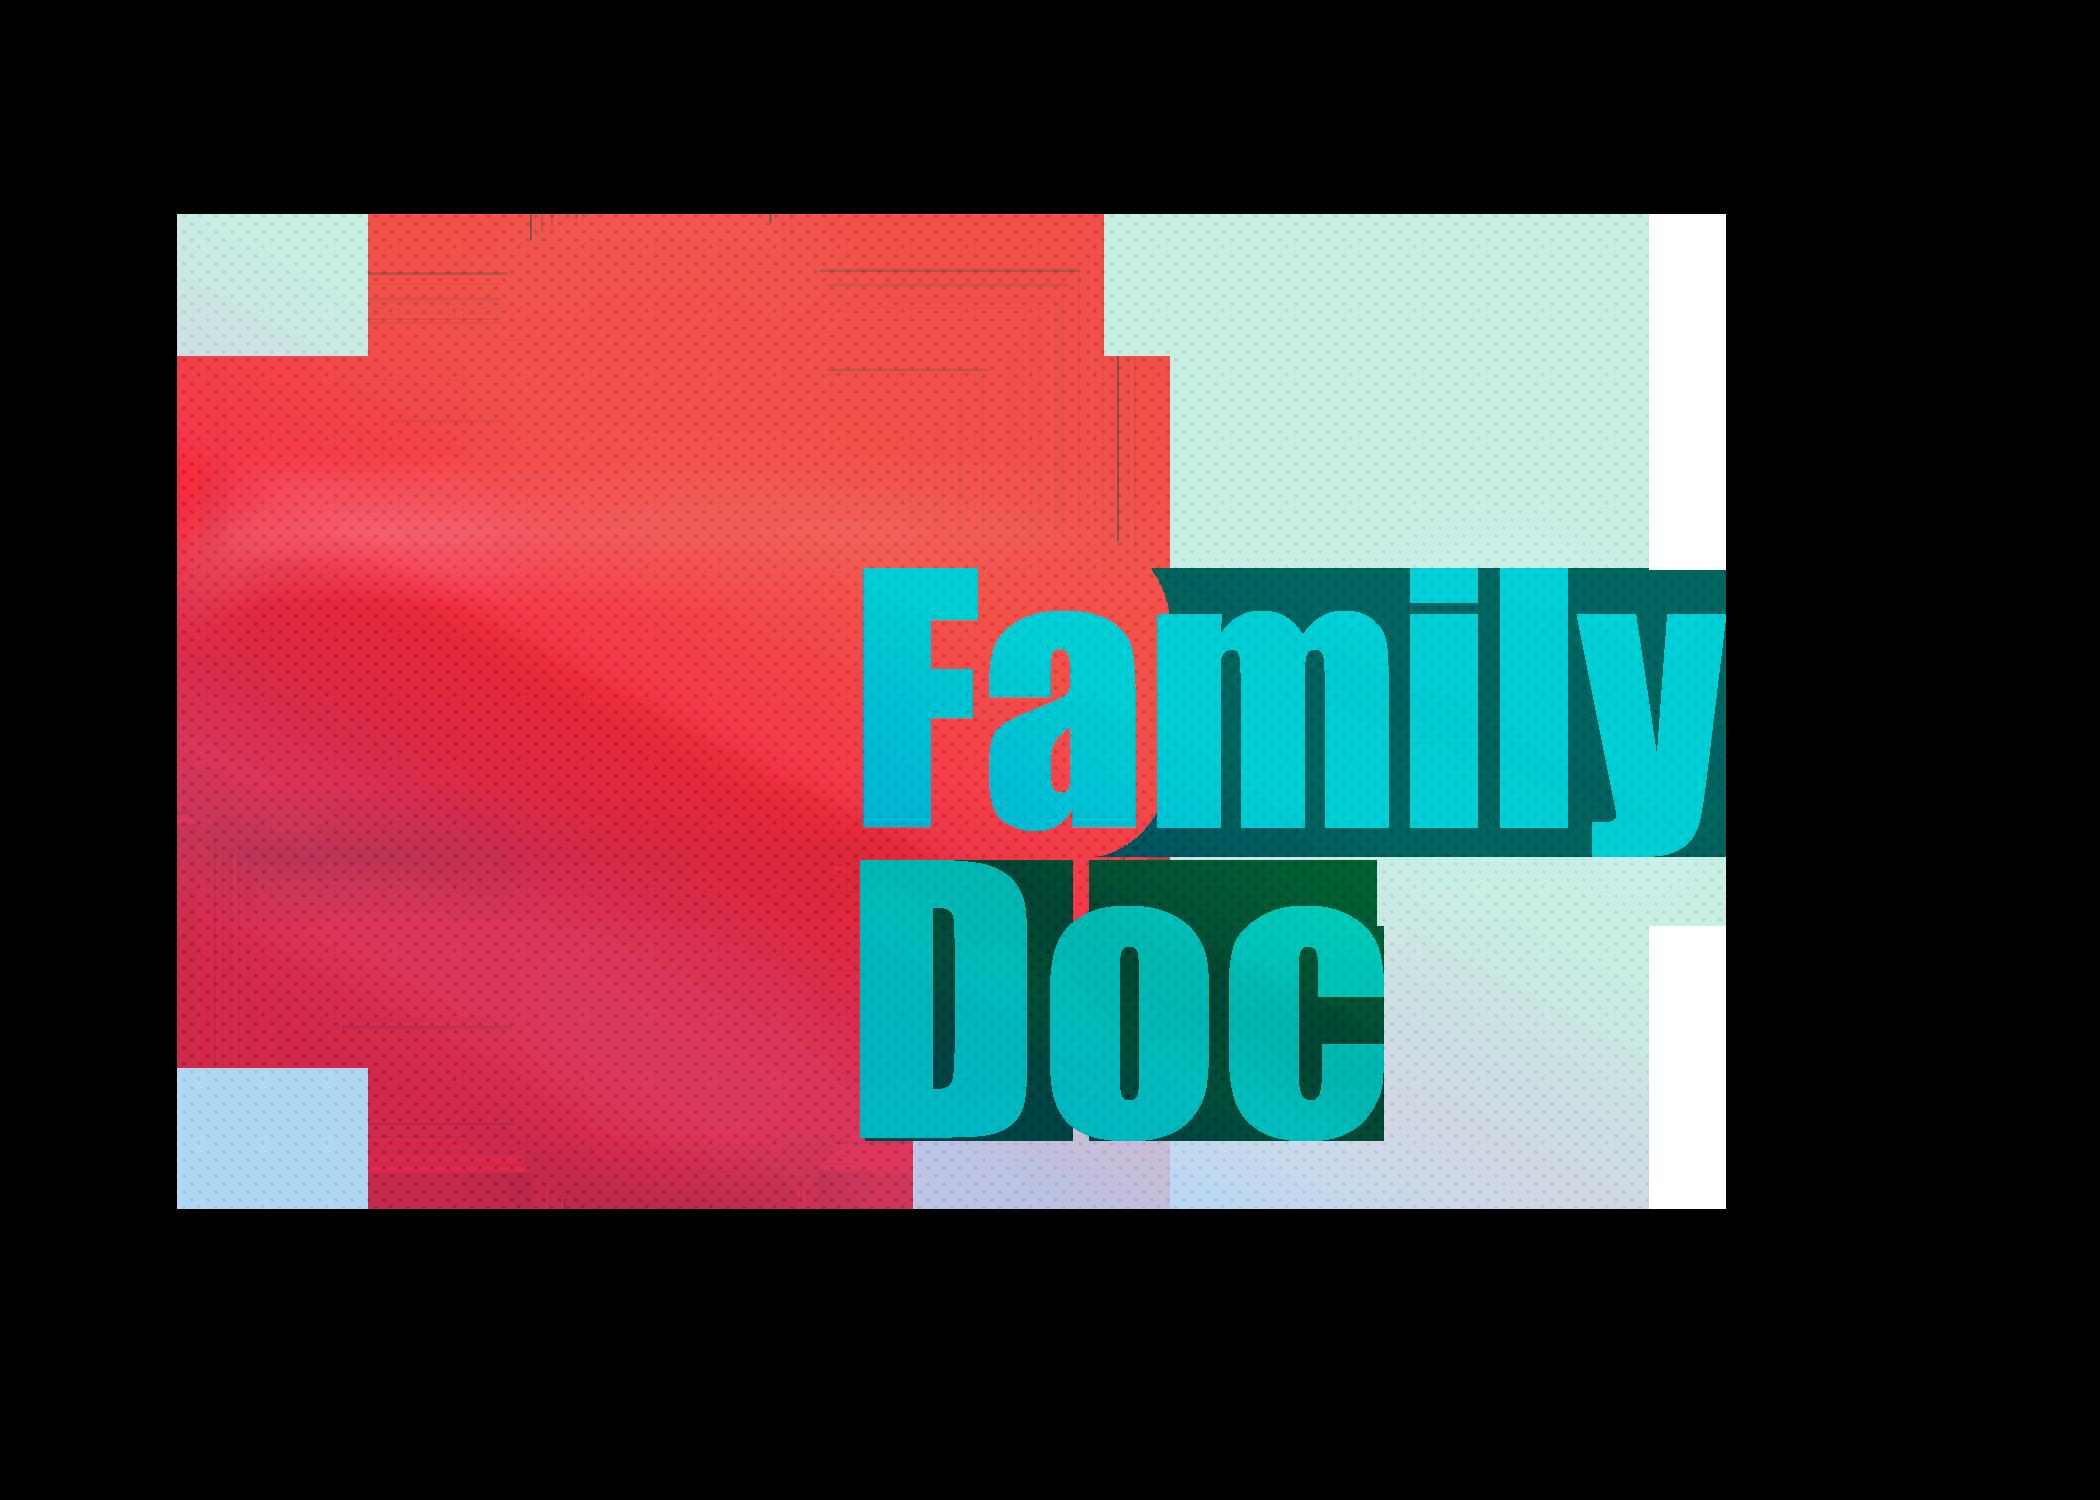 Разработка логотипа для врачебного онлайн сервиса FamilyDoc фото f_8255c332c10b3a00.png